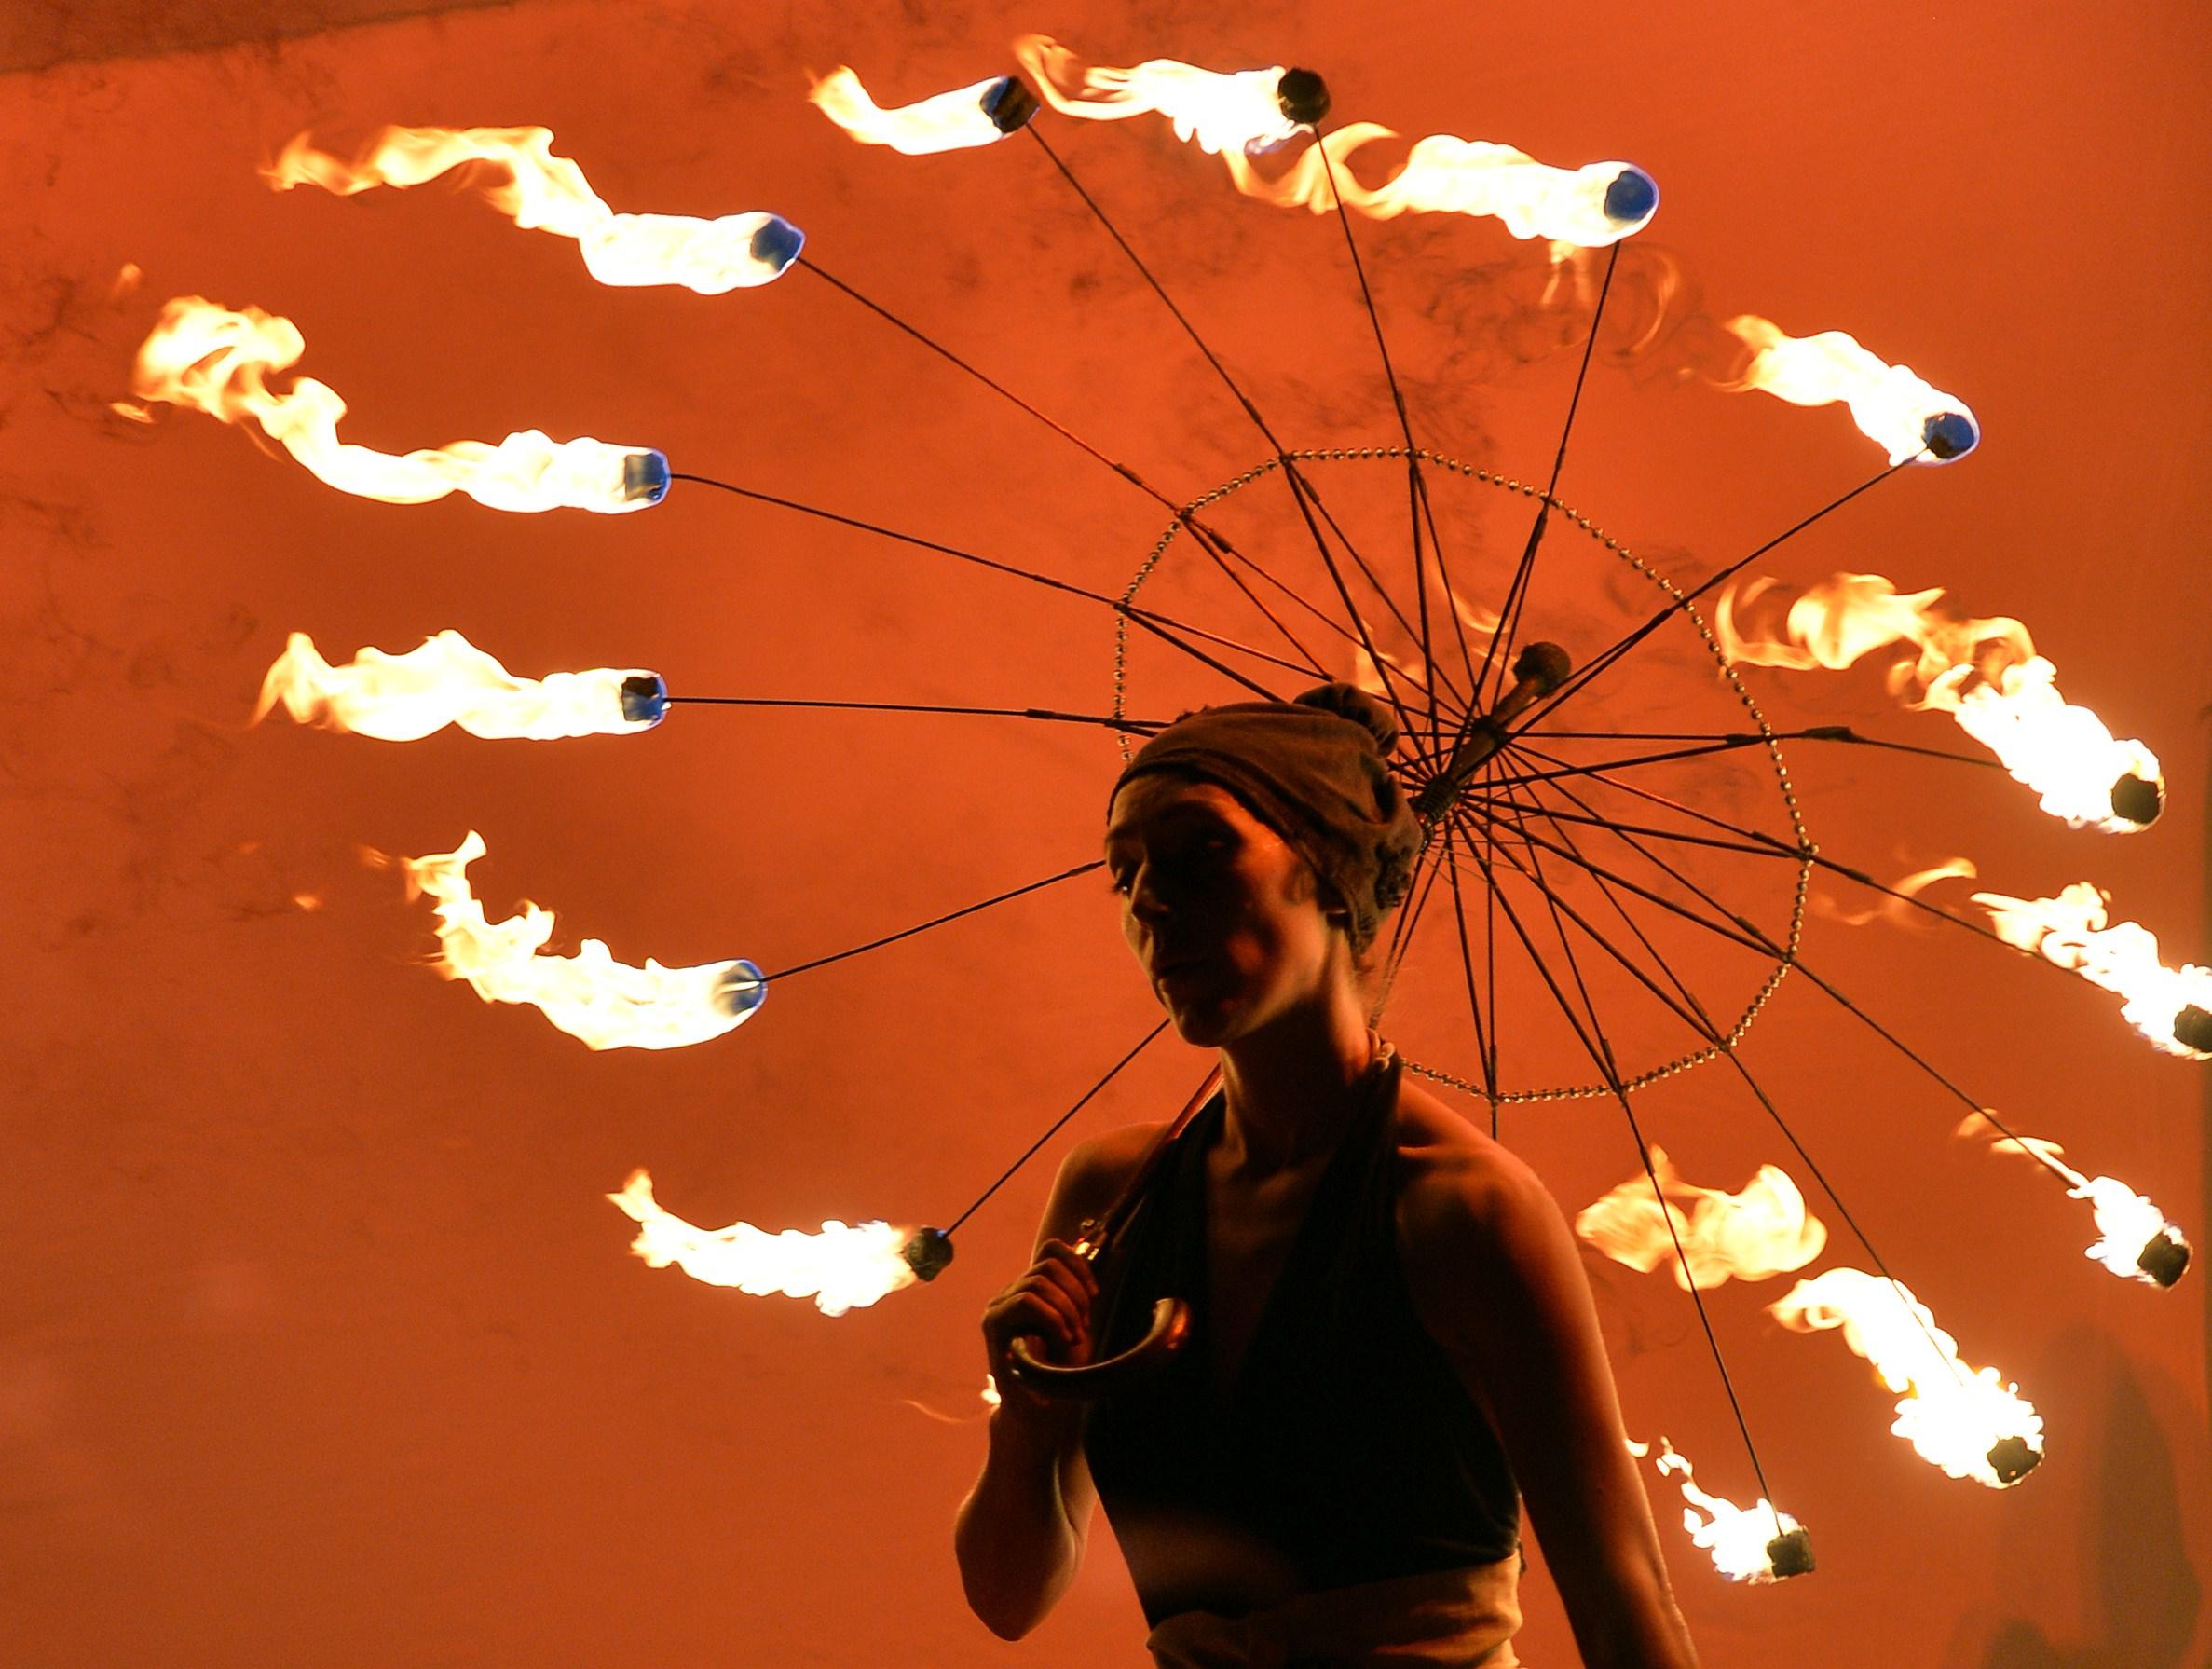 Gallery: Kiev Fire Festival 2013